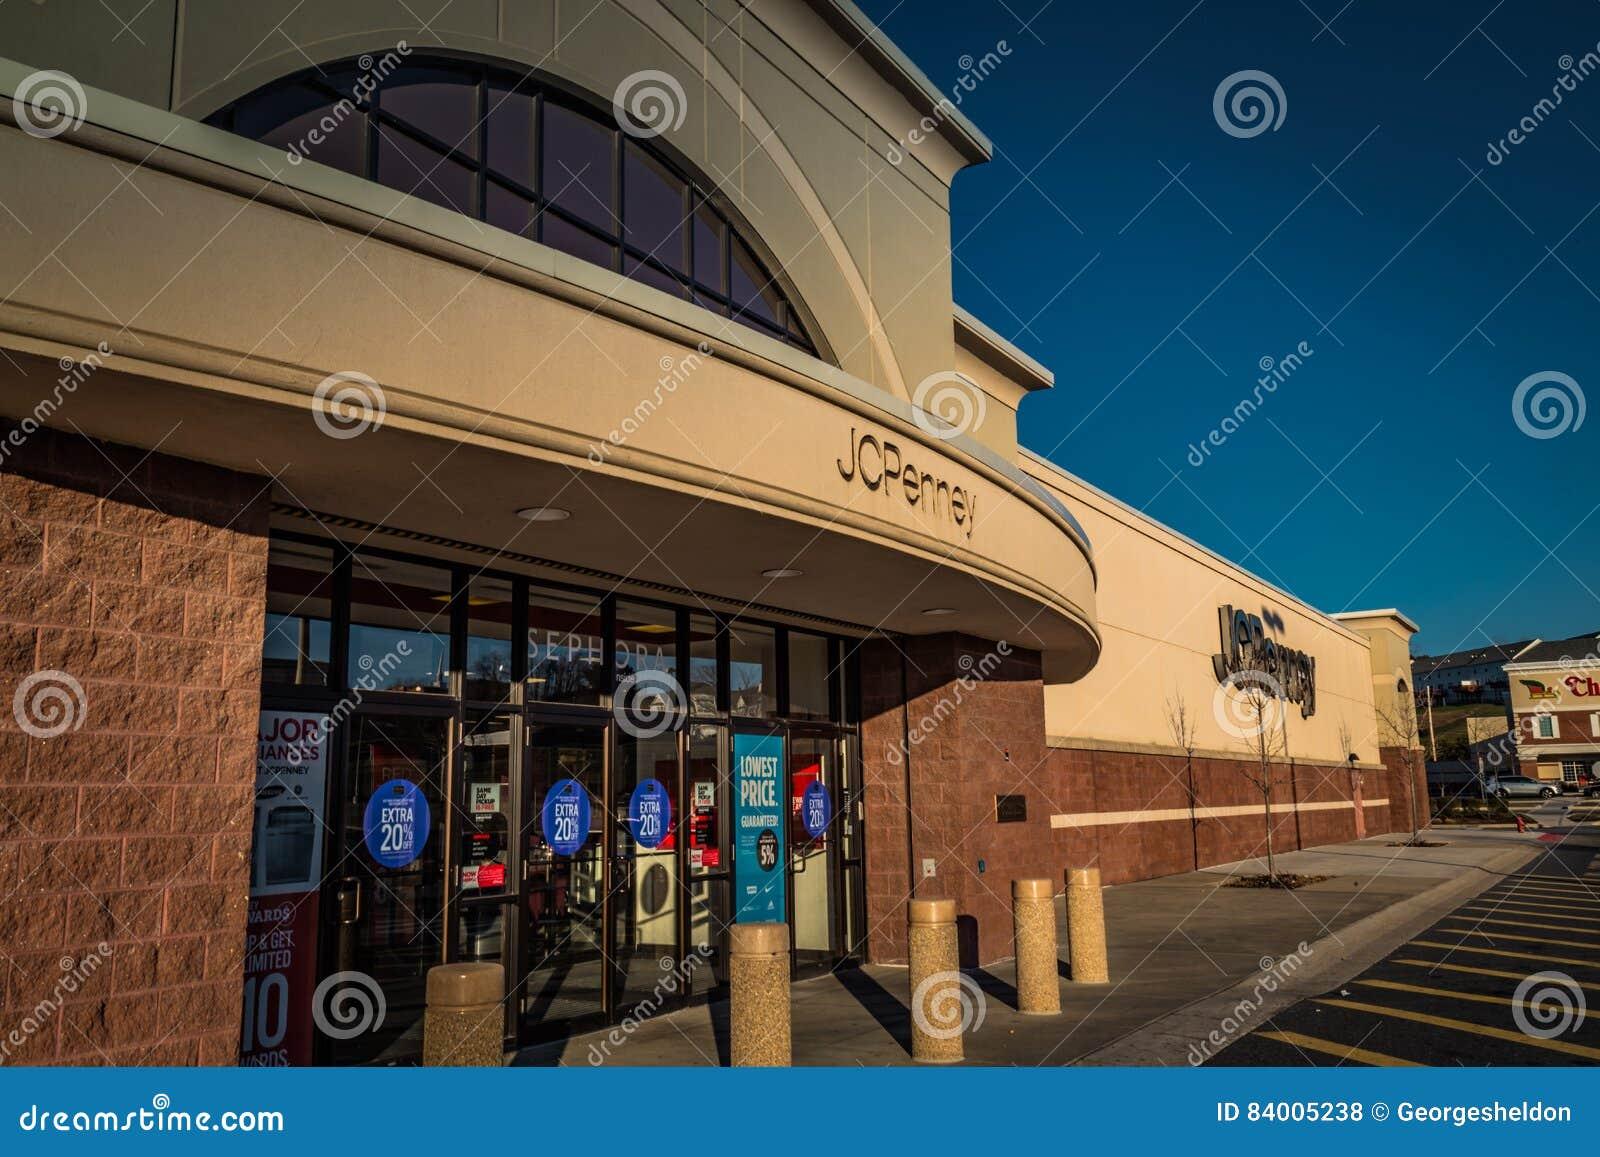 Entrada exterior de JC Penny Department Store